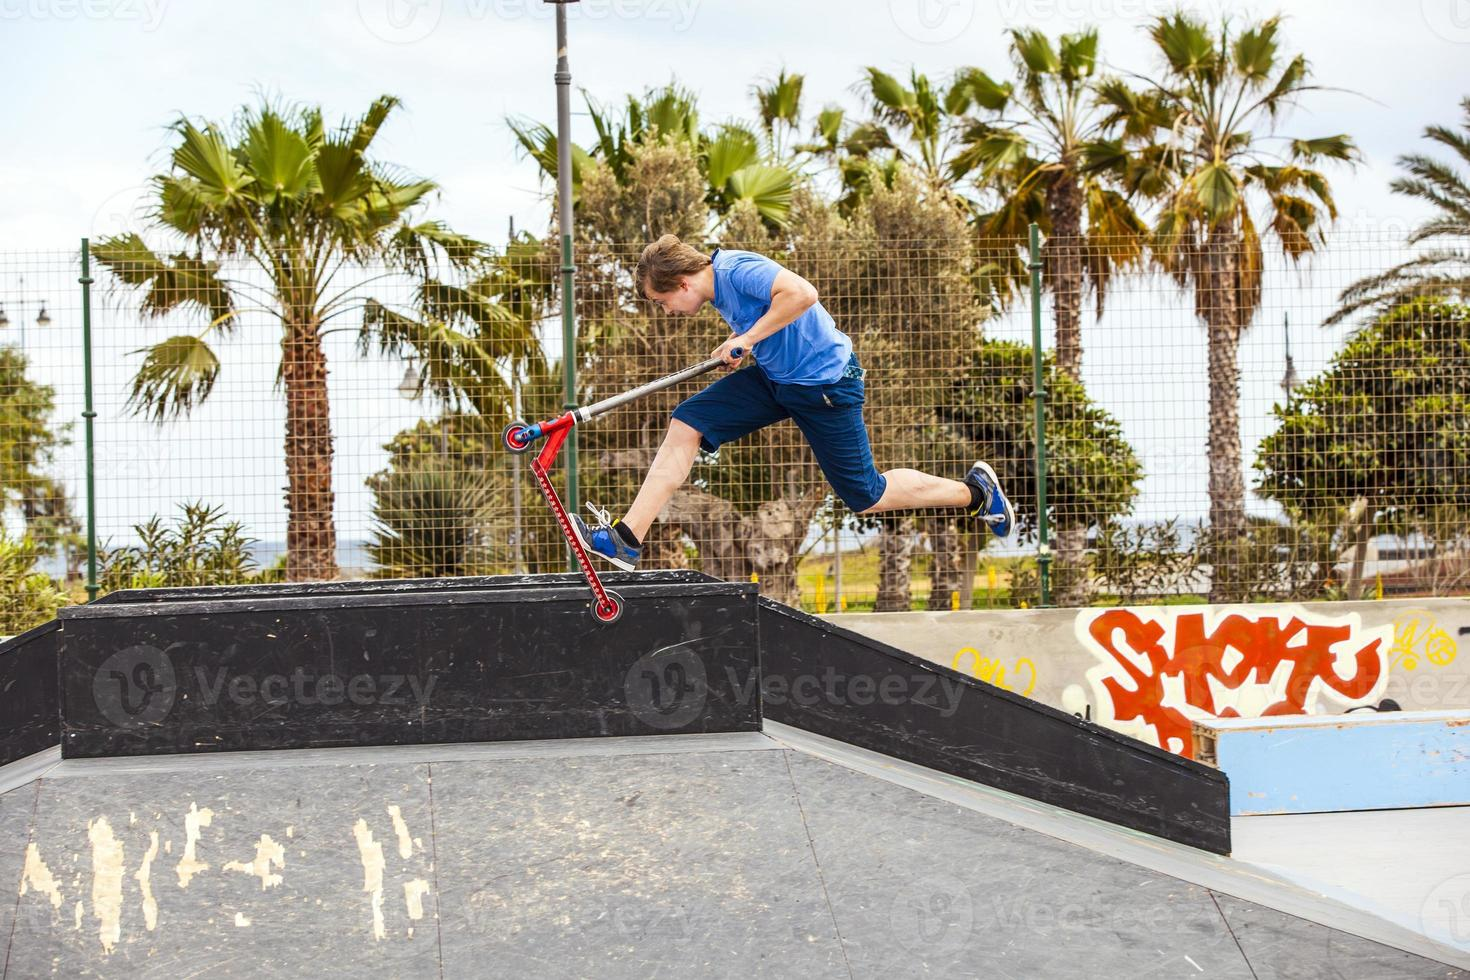 muchacho adolescente monta su scooter en el skate park foto